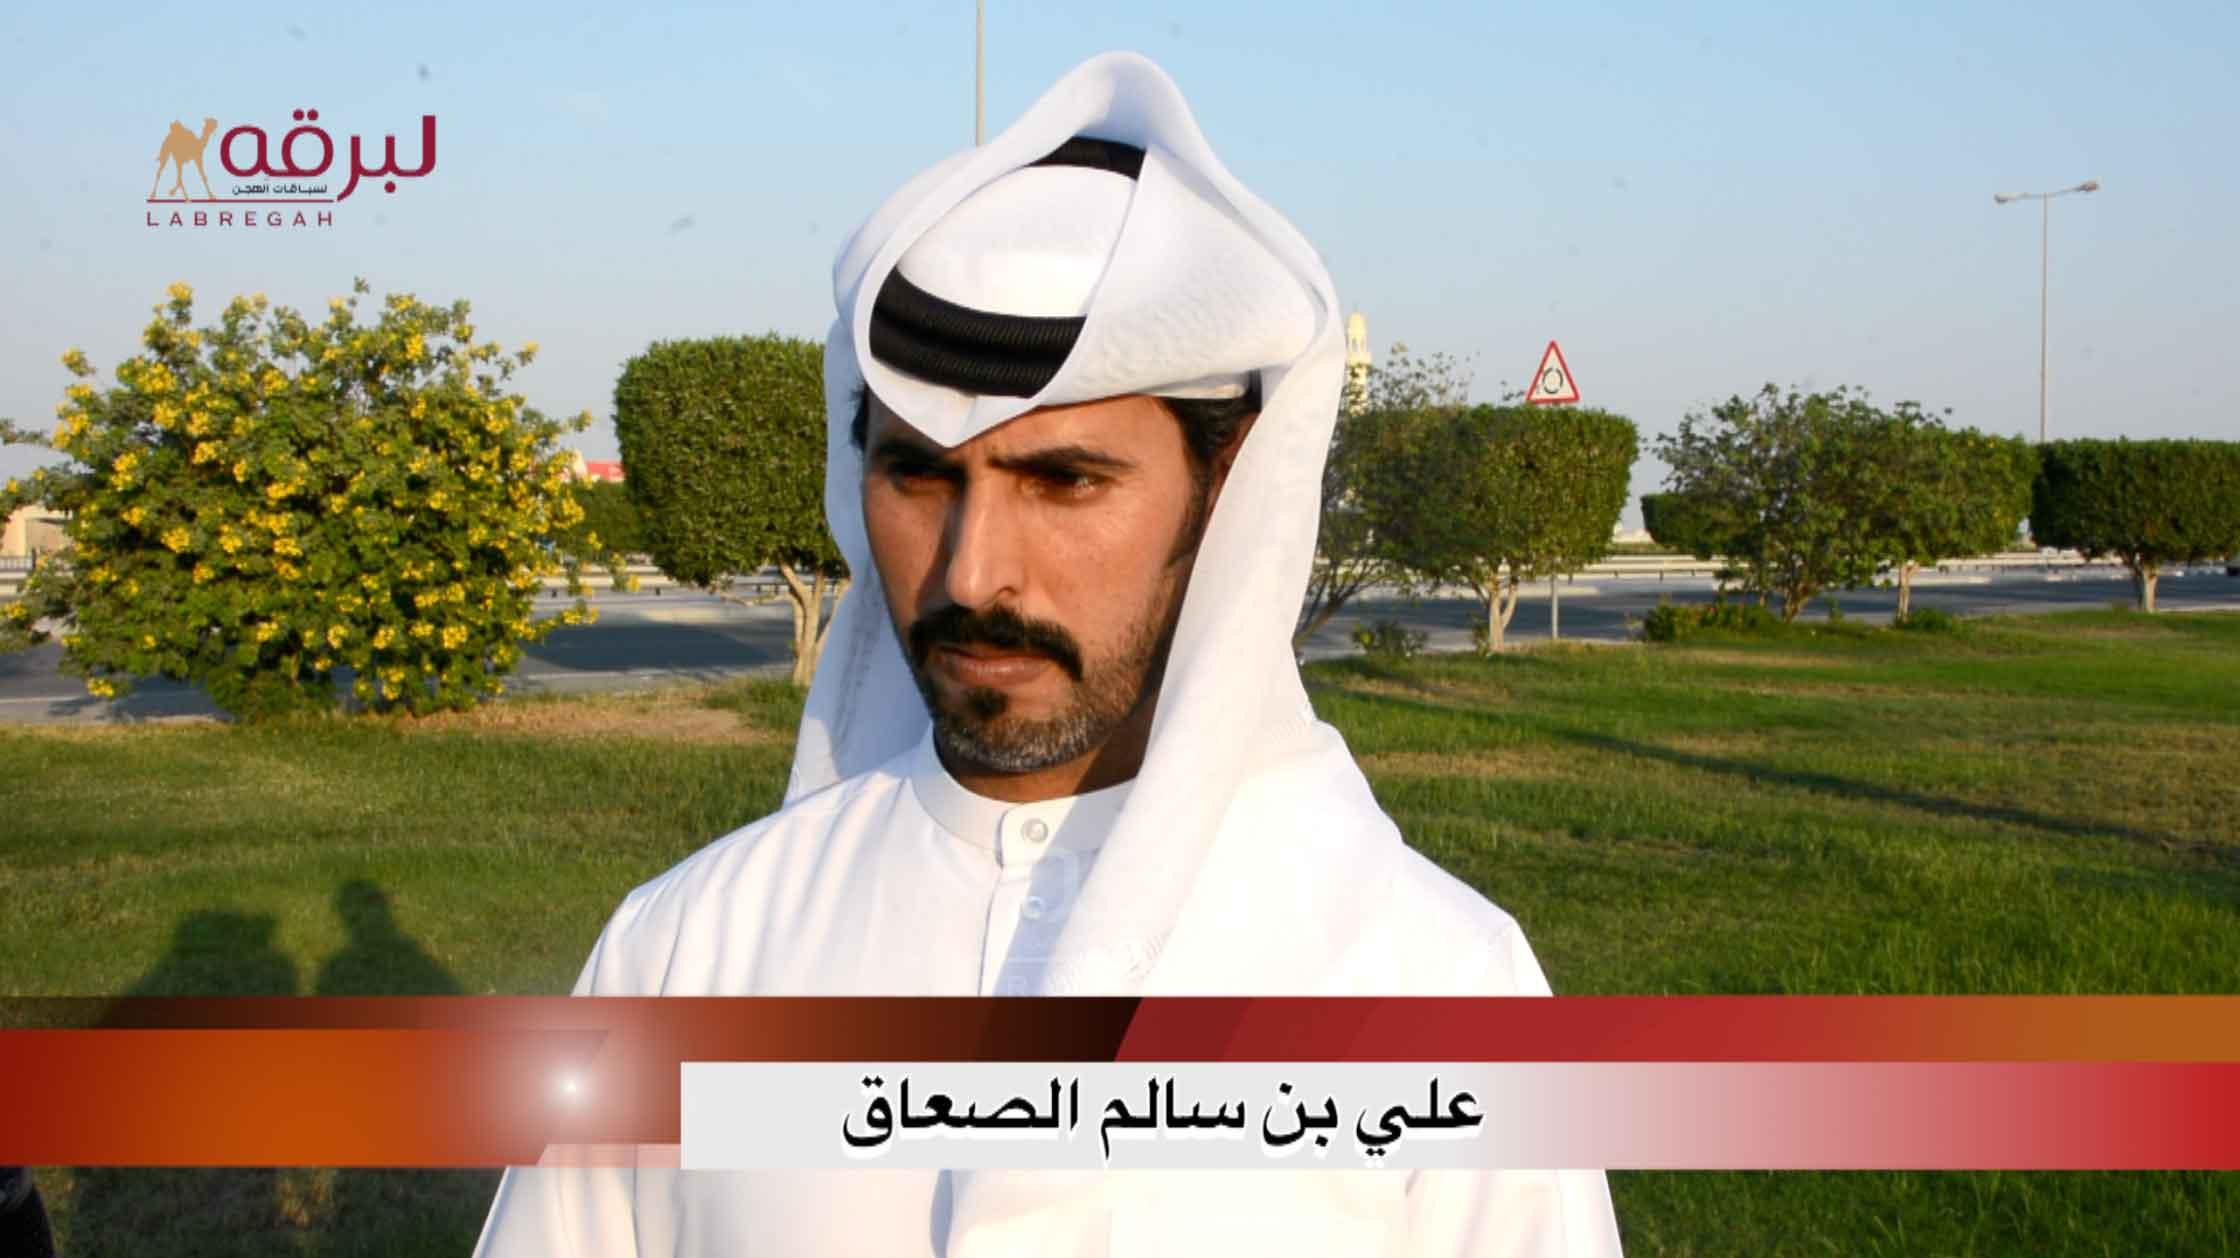 لقاء مع علي بن سالم الصعاق.. الشوطين الرئيسيين للقايا مفتوح الأشواط العامة  ٦-١١-٢٠٢٠